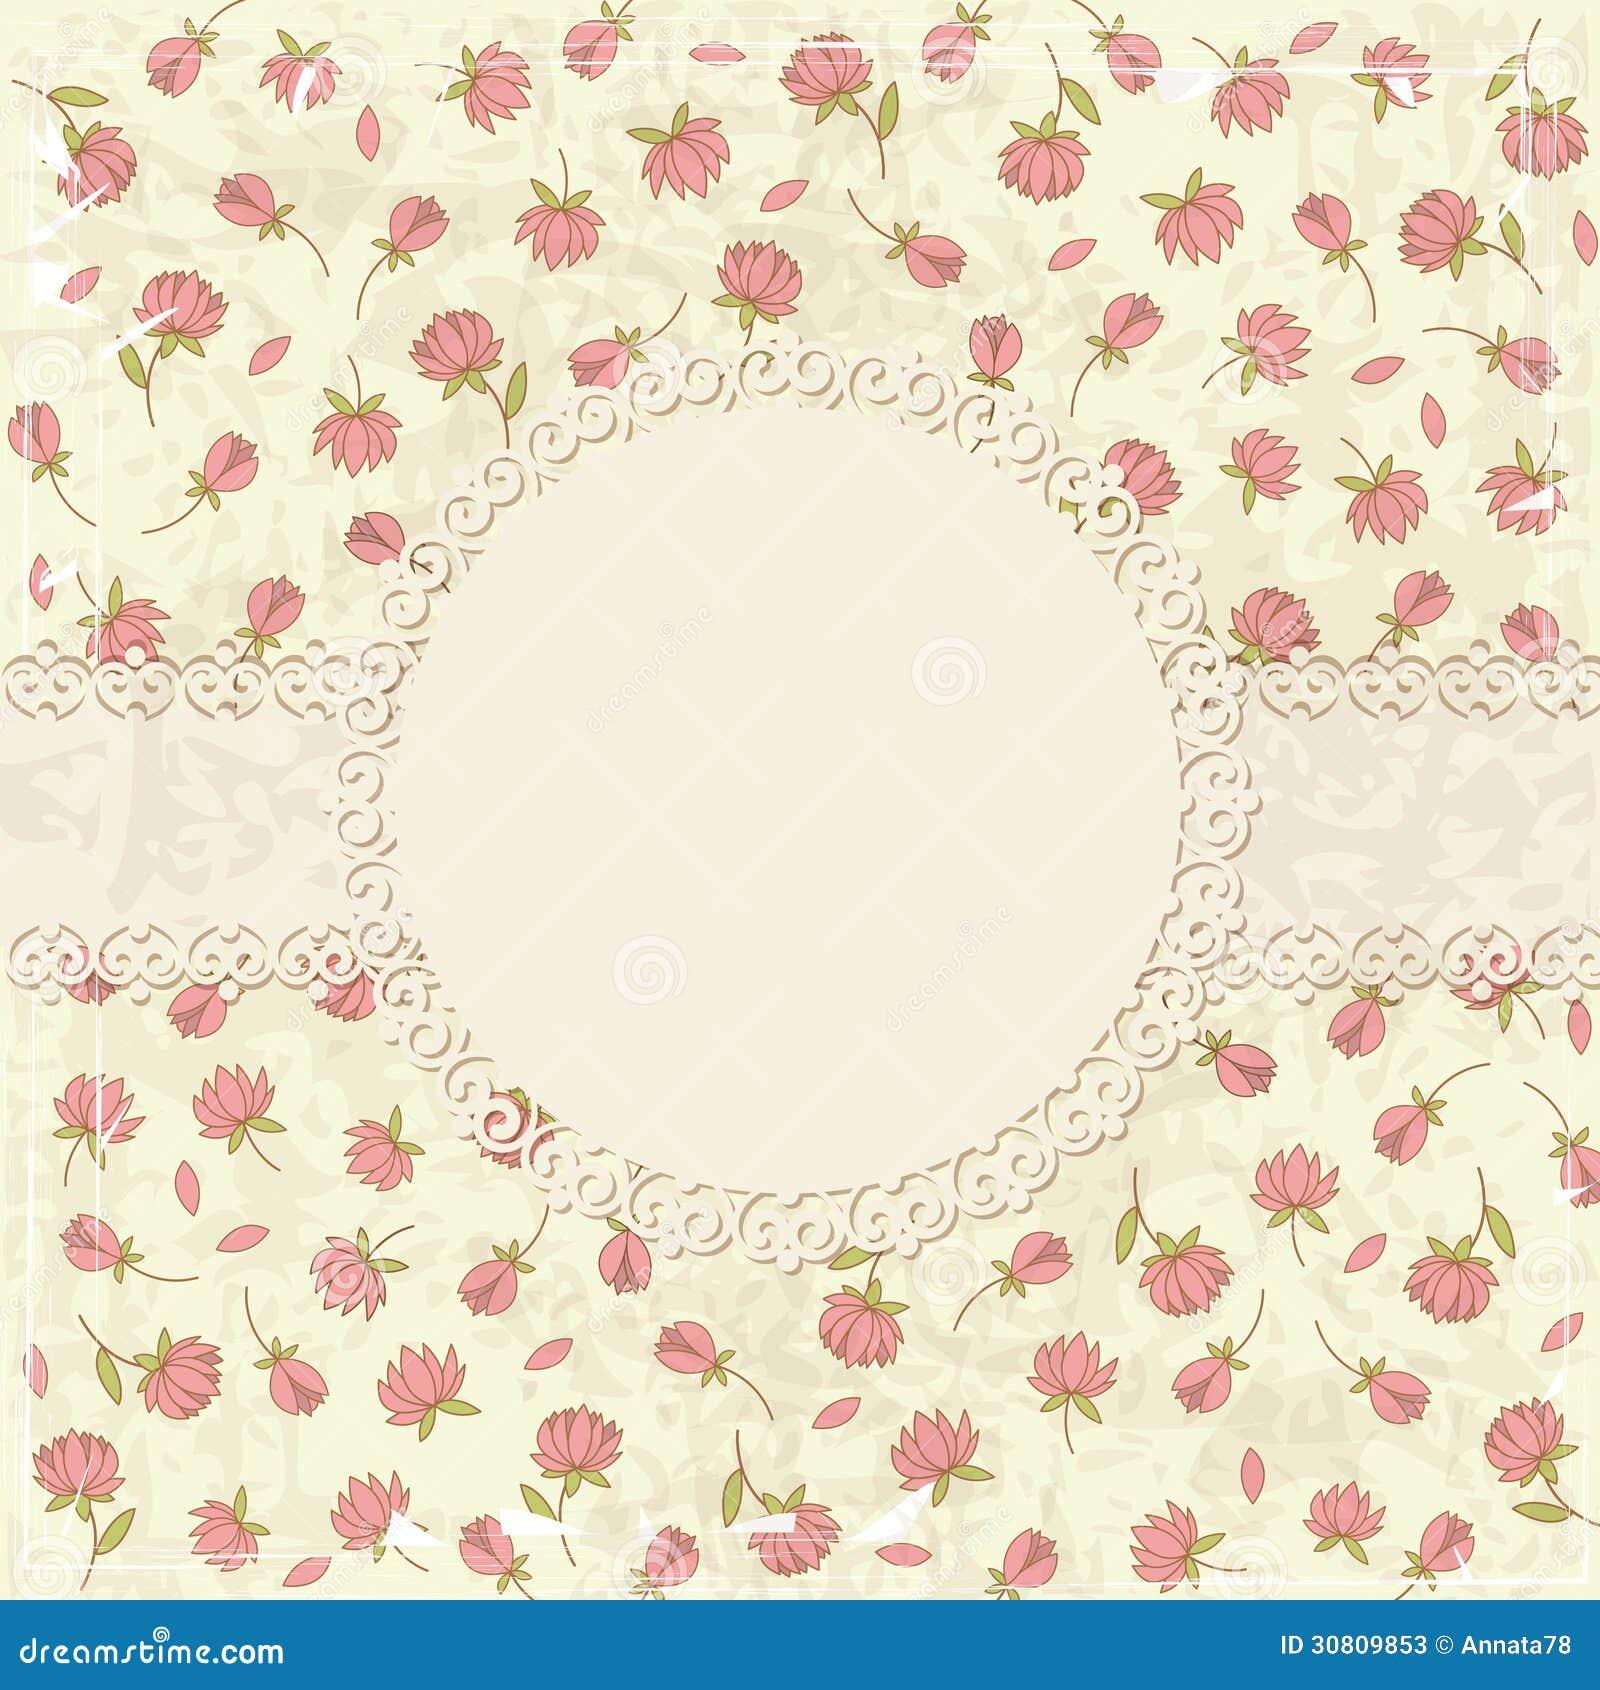 Floral vintage background - Background Floral Vector Vintage